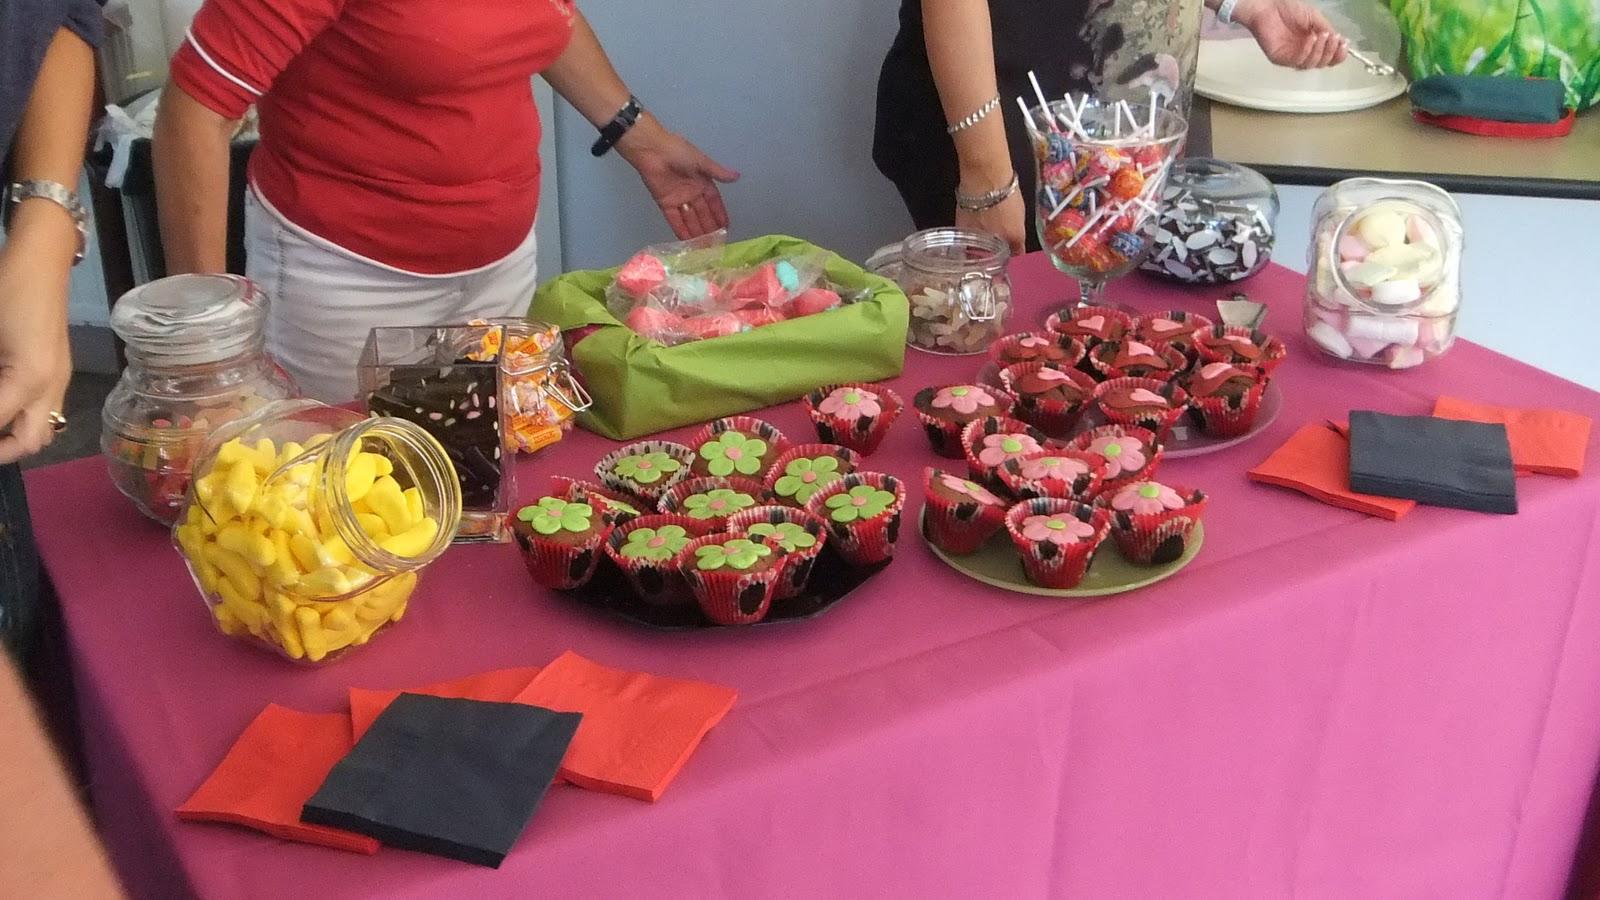 Molto piovono dolcetti: Candy Buffet FB31